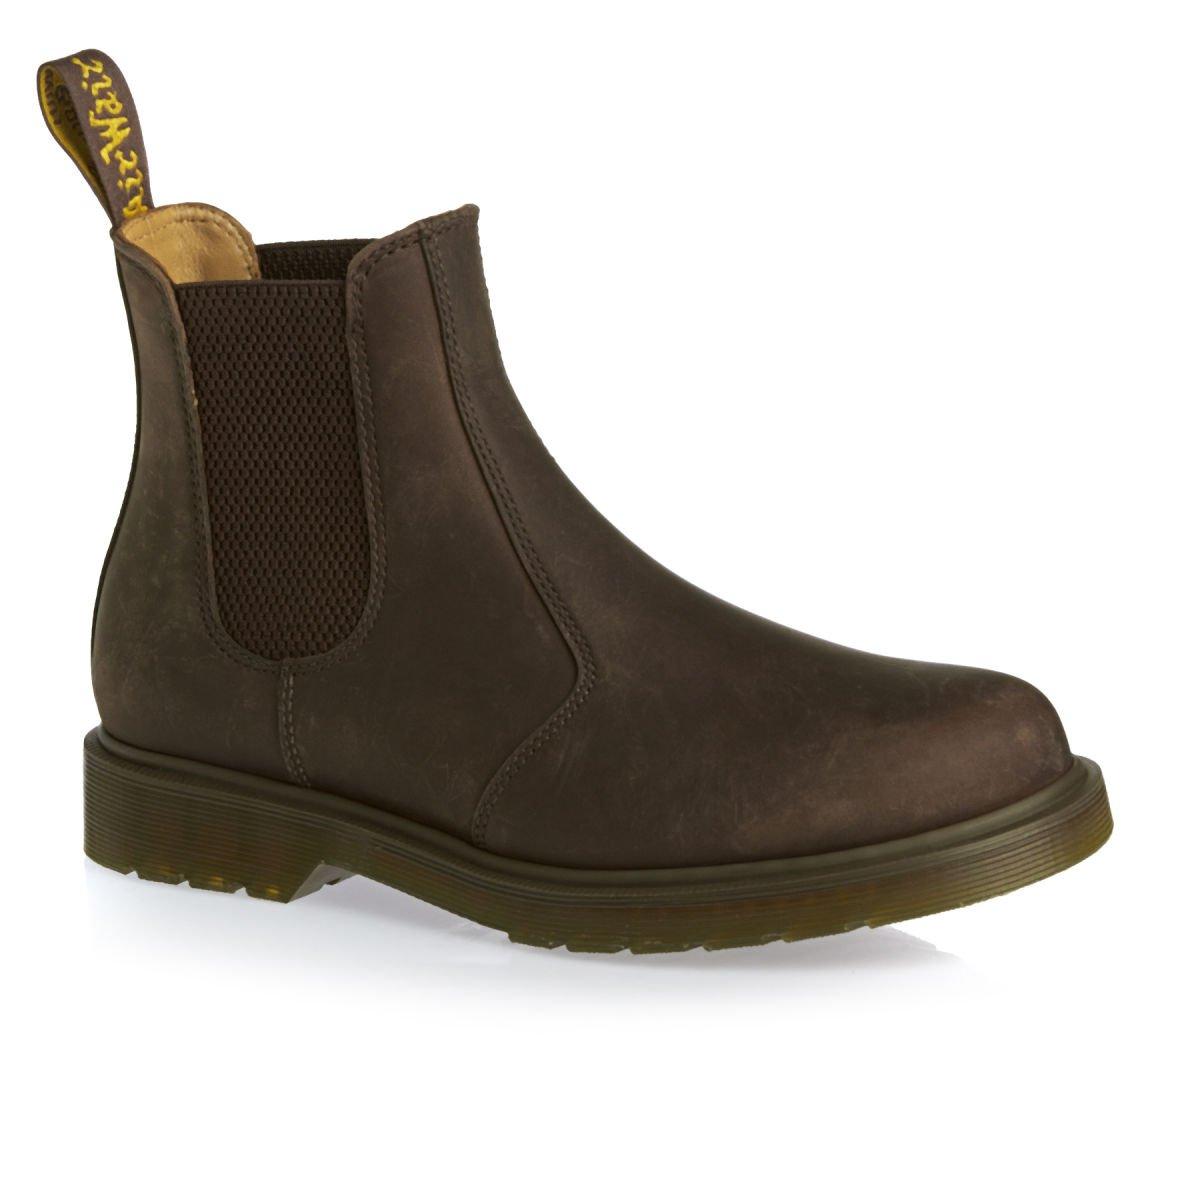 Dr. Boots Martens 2976, Dr. adulte Boots mixte adulte Gaucho fc9d028 - epictionpvp.space